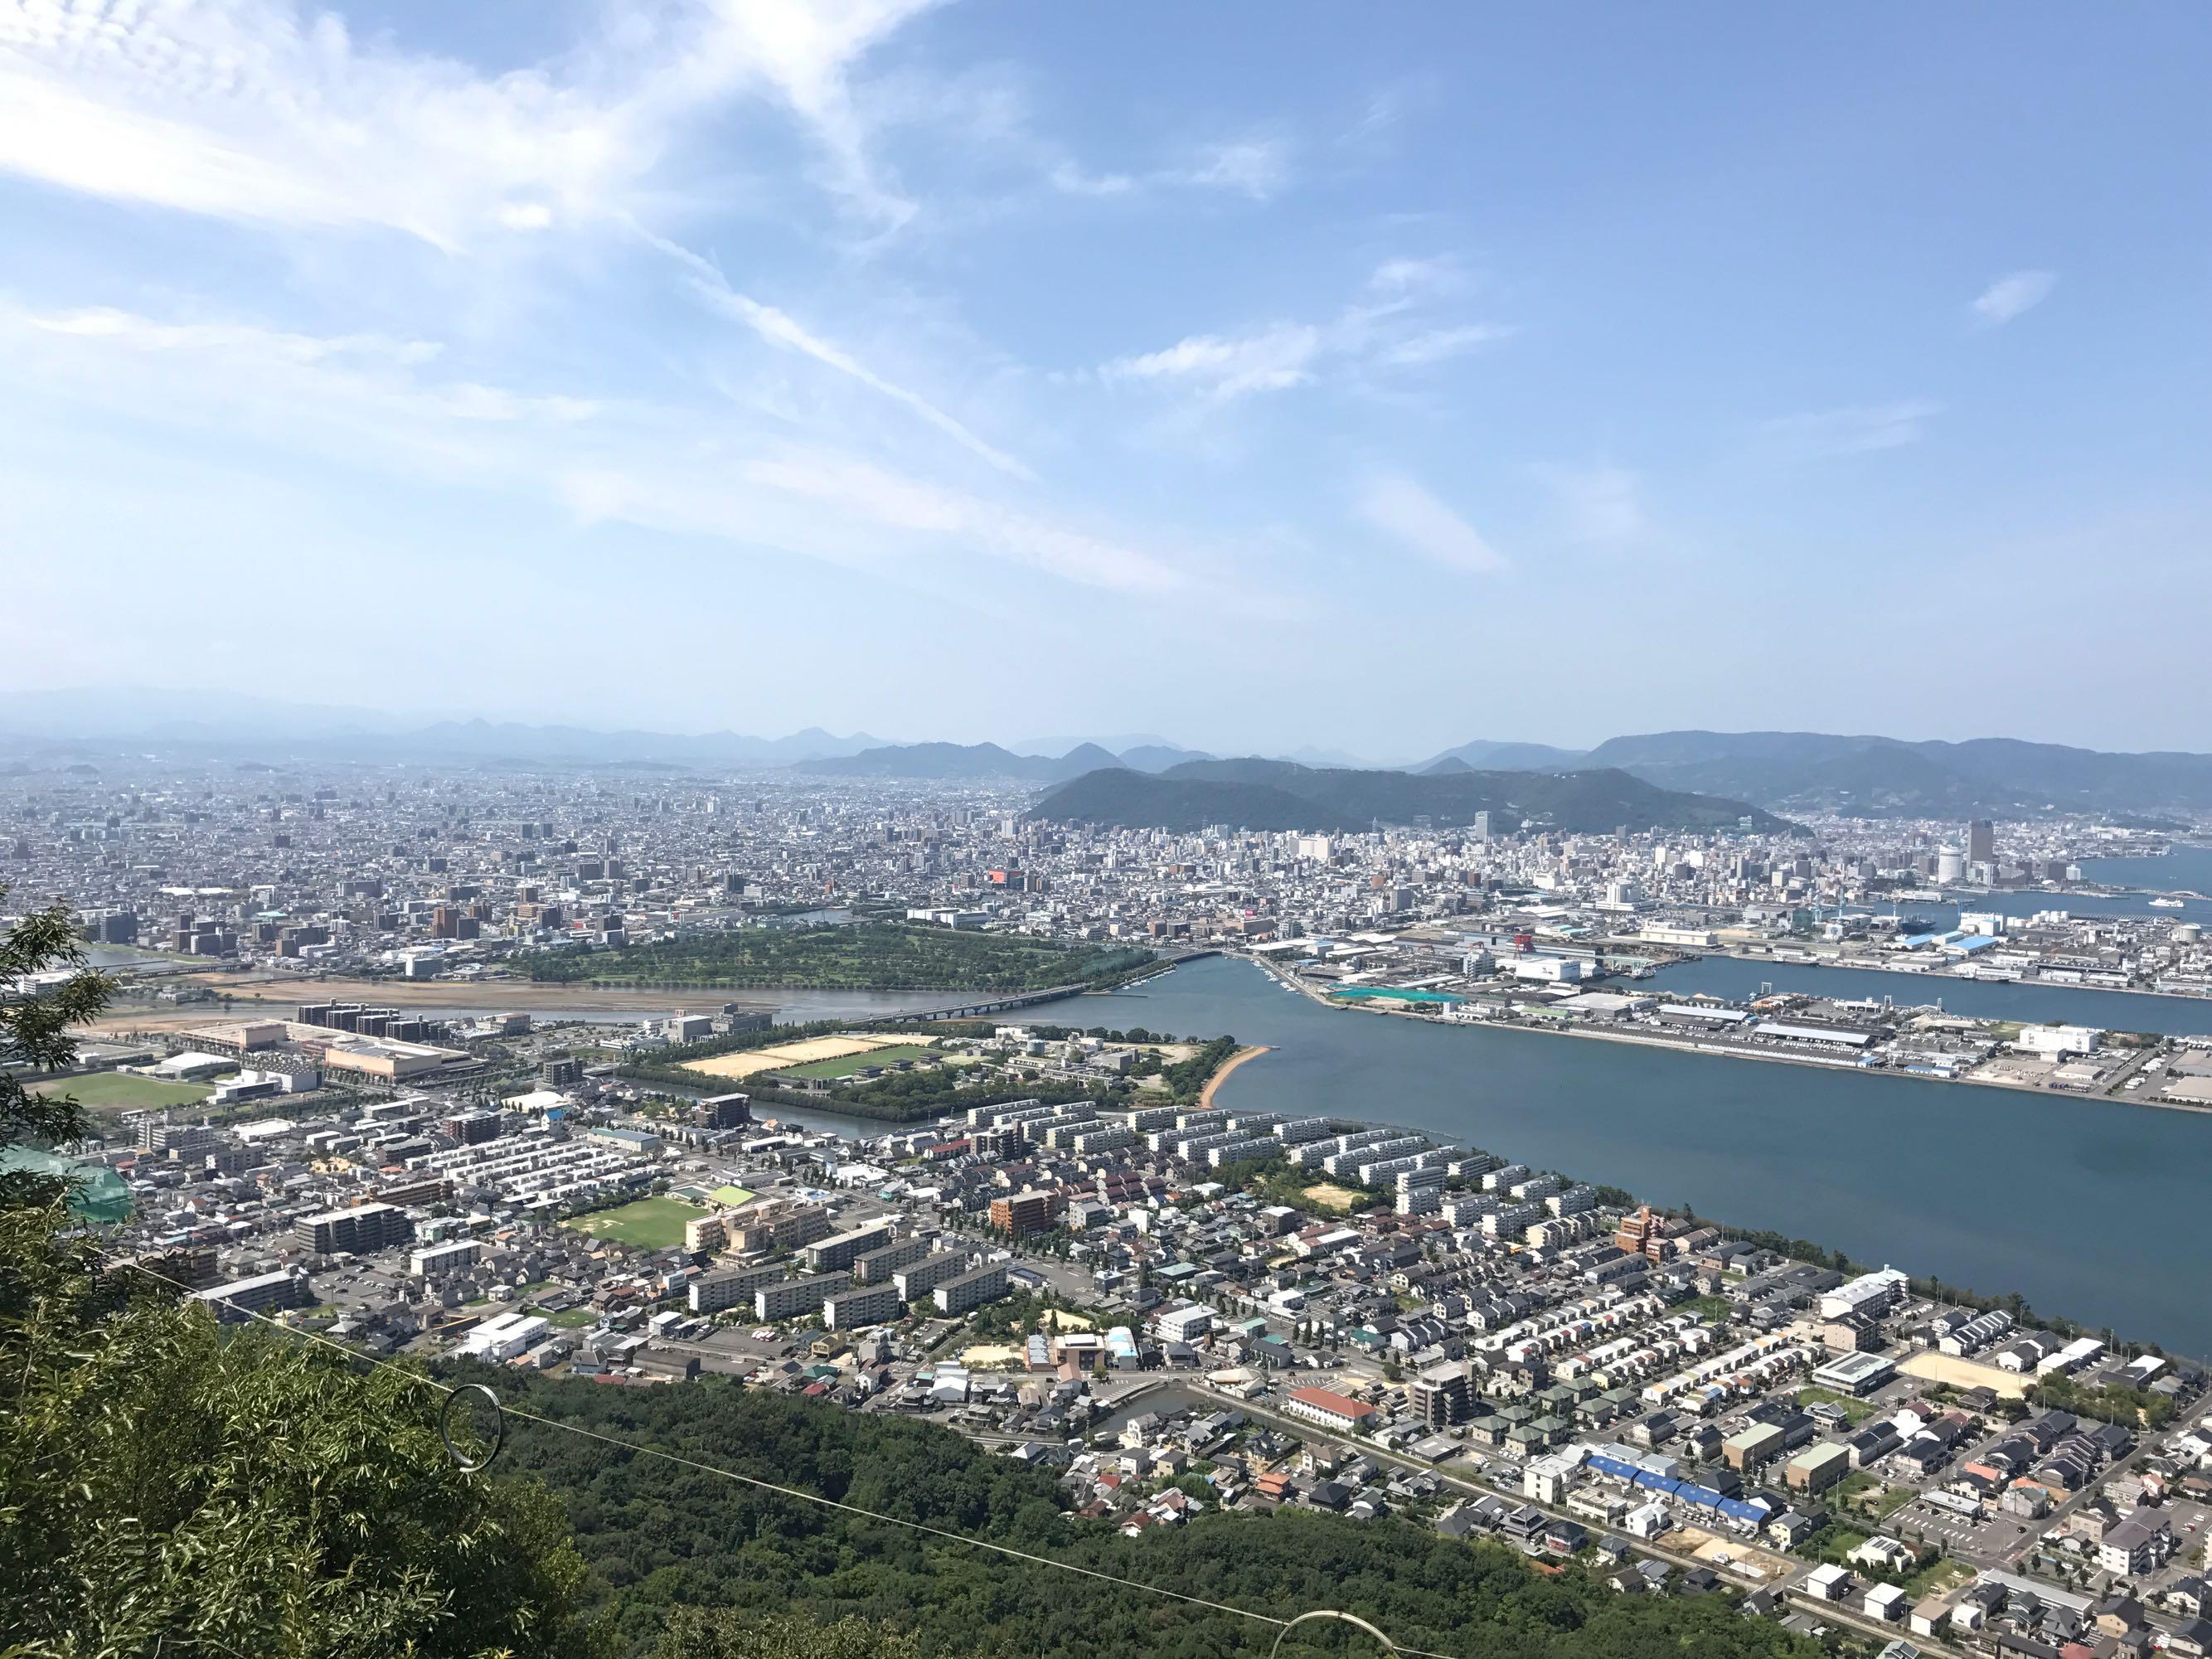 高松の市街地と瀬戸内海を一望!屋島展望台に行ってみた【2017年8月高知・高松旅行記その5】